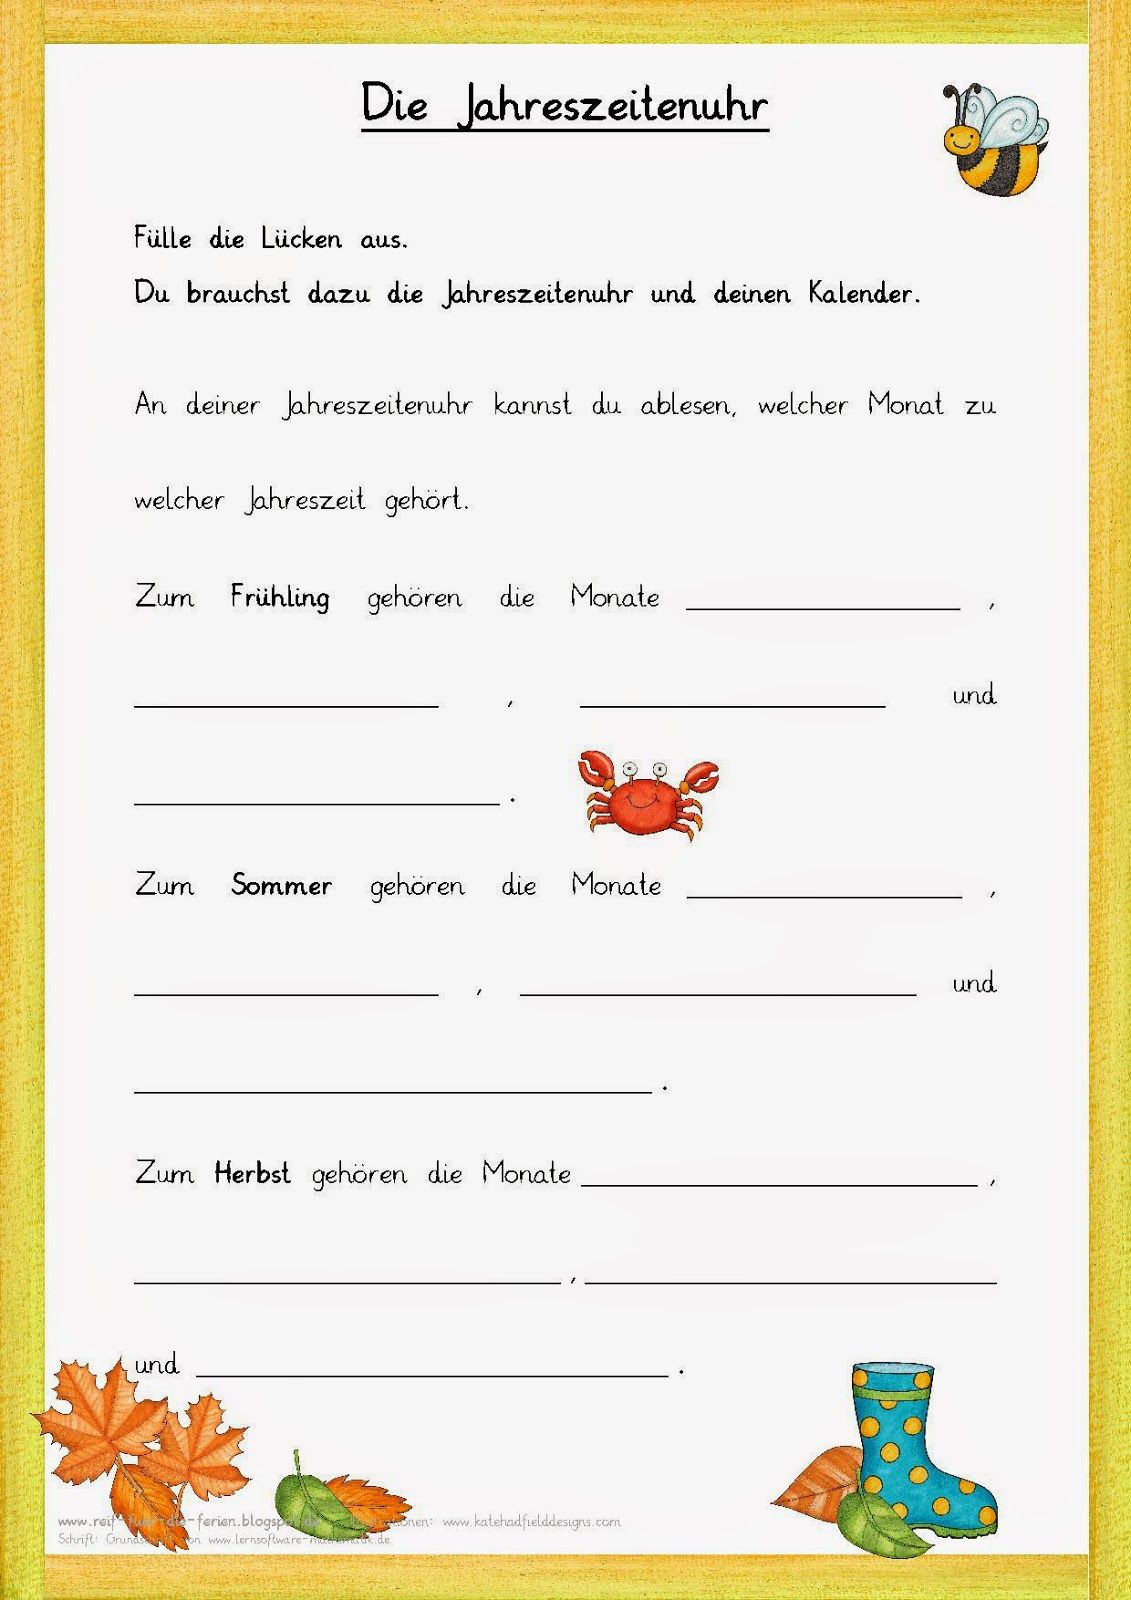 Jahreszeitenuhr - Lückentext | schule | Pinterest | Schule ...